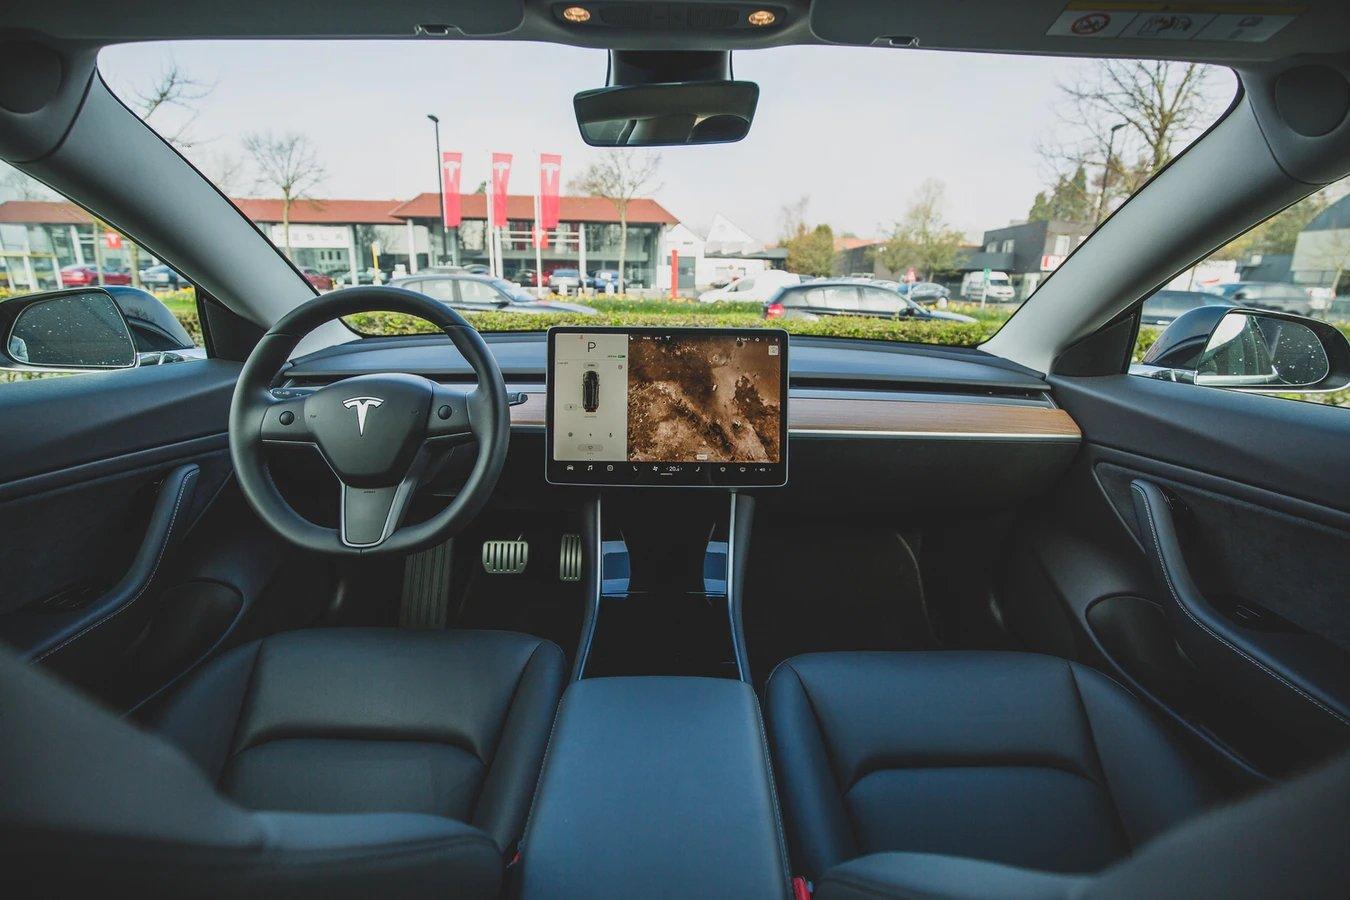 Tesla veículo interior